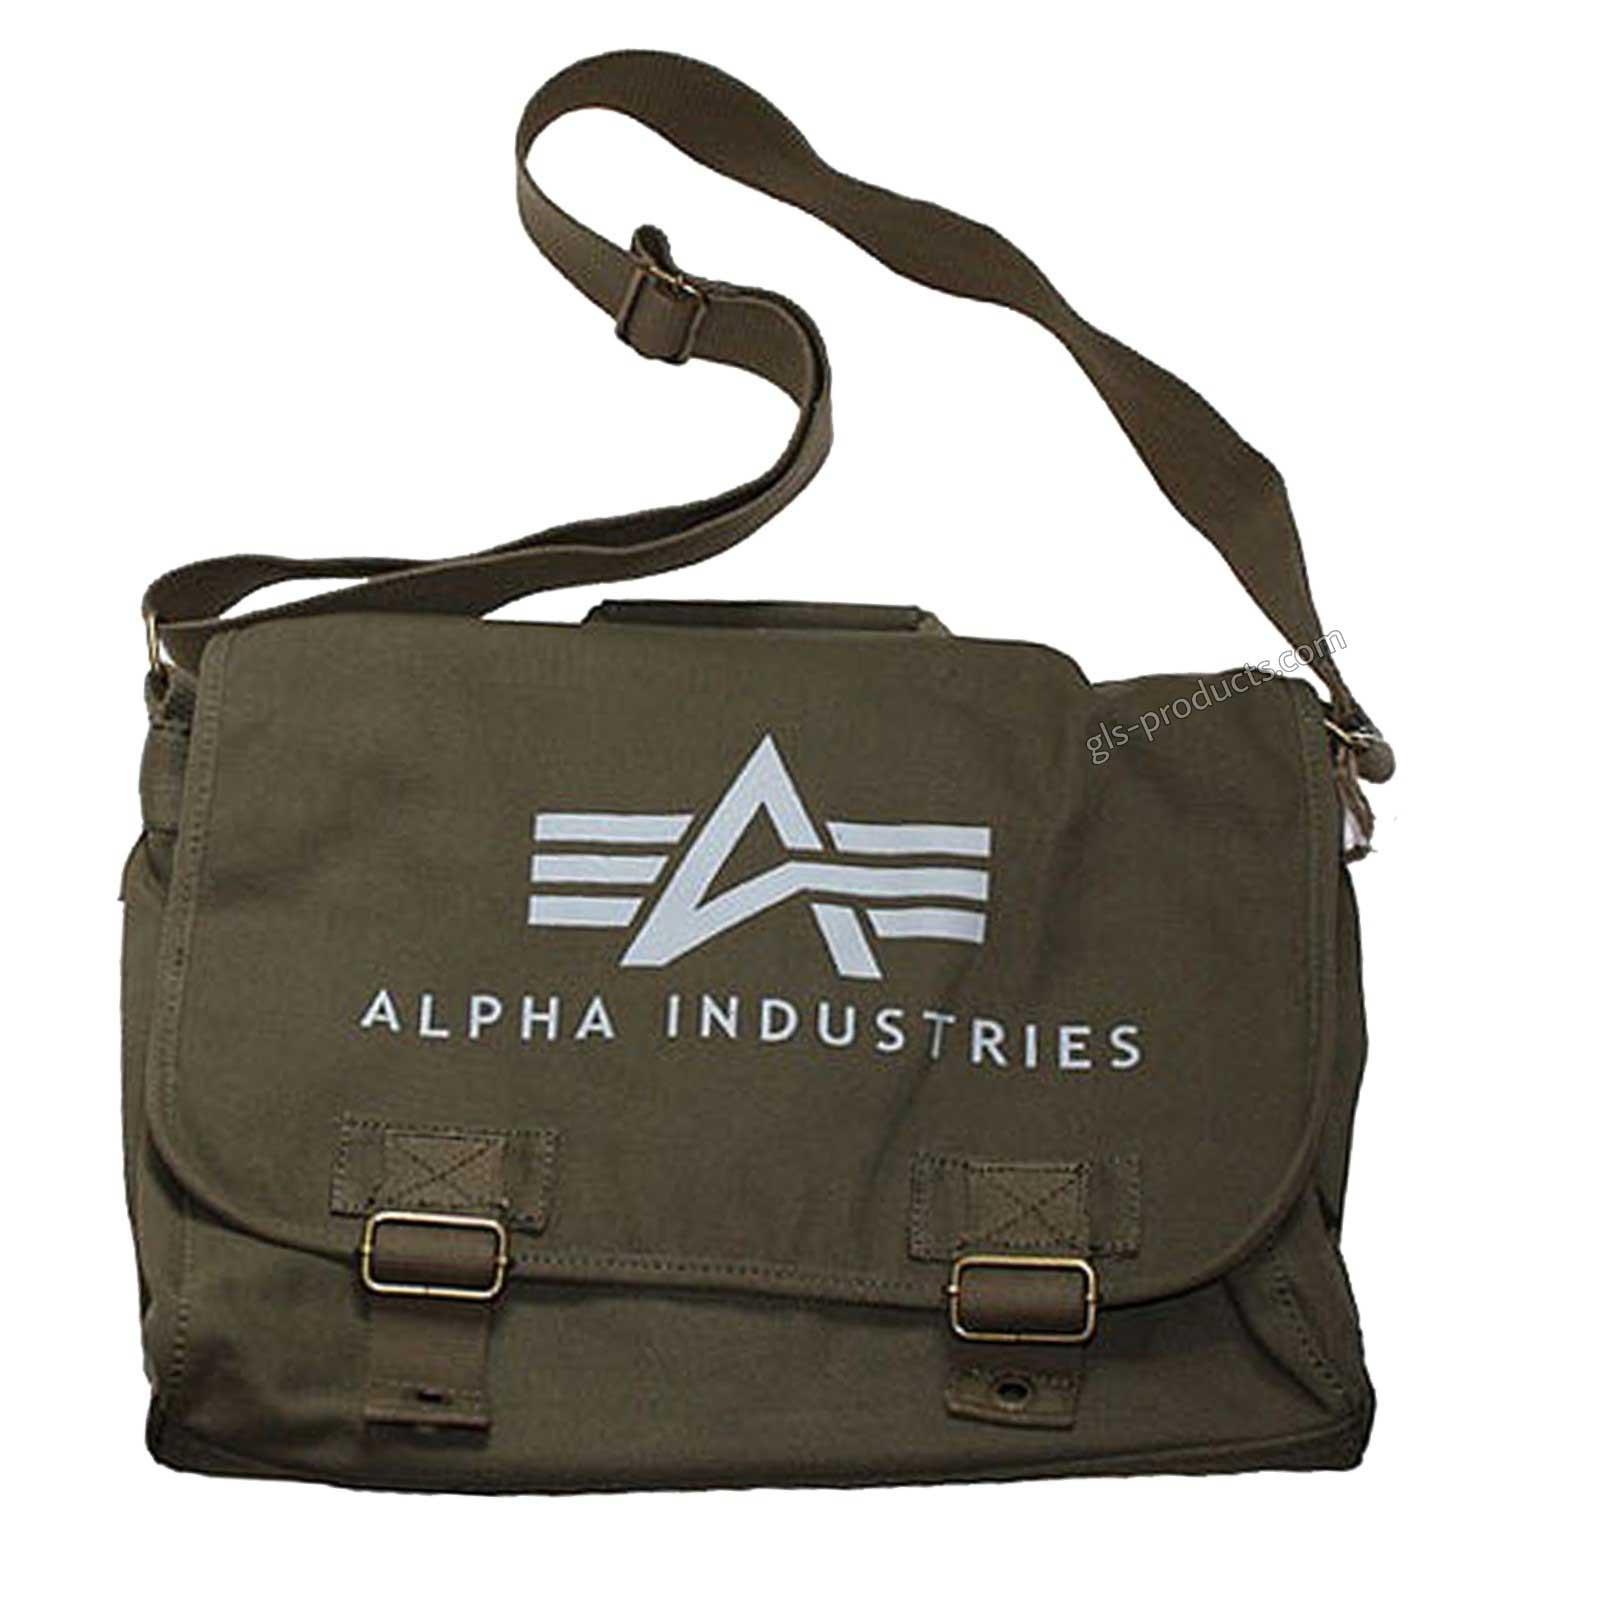 ec07f364f5 Alpha Industries Courier Bag Big A 101901 101906 – Bild 2